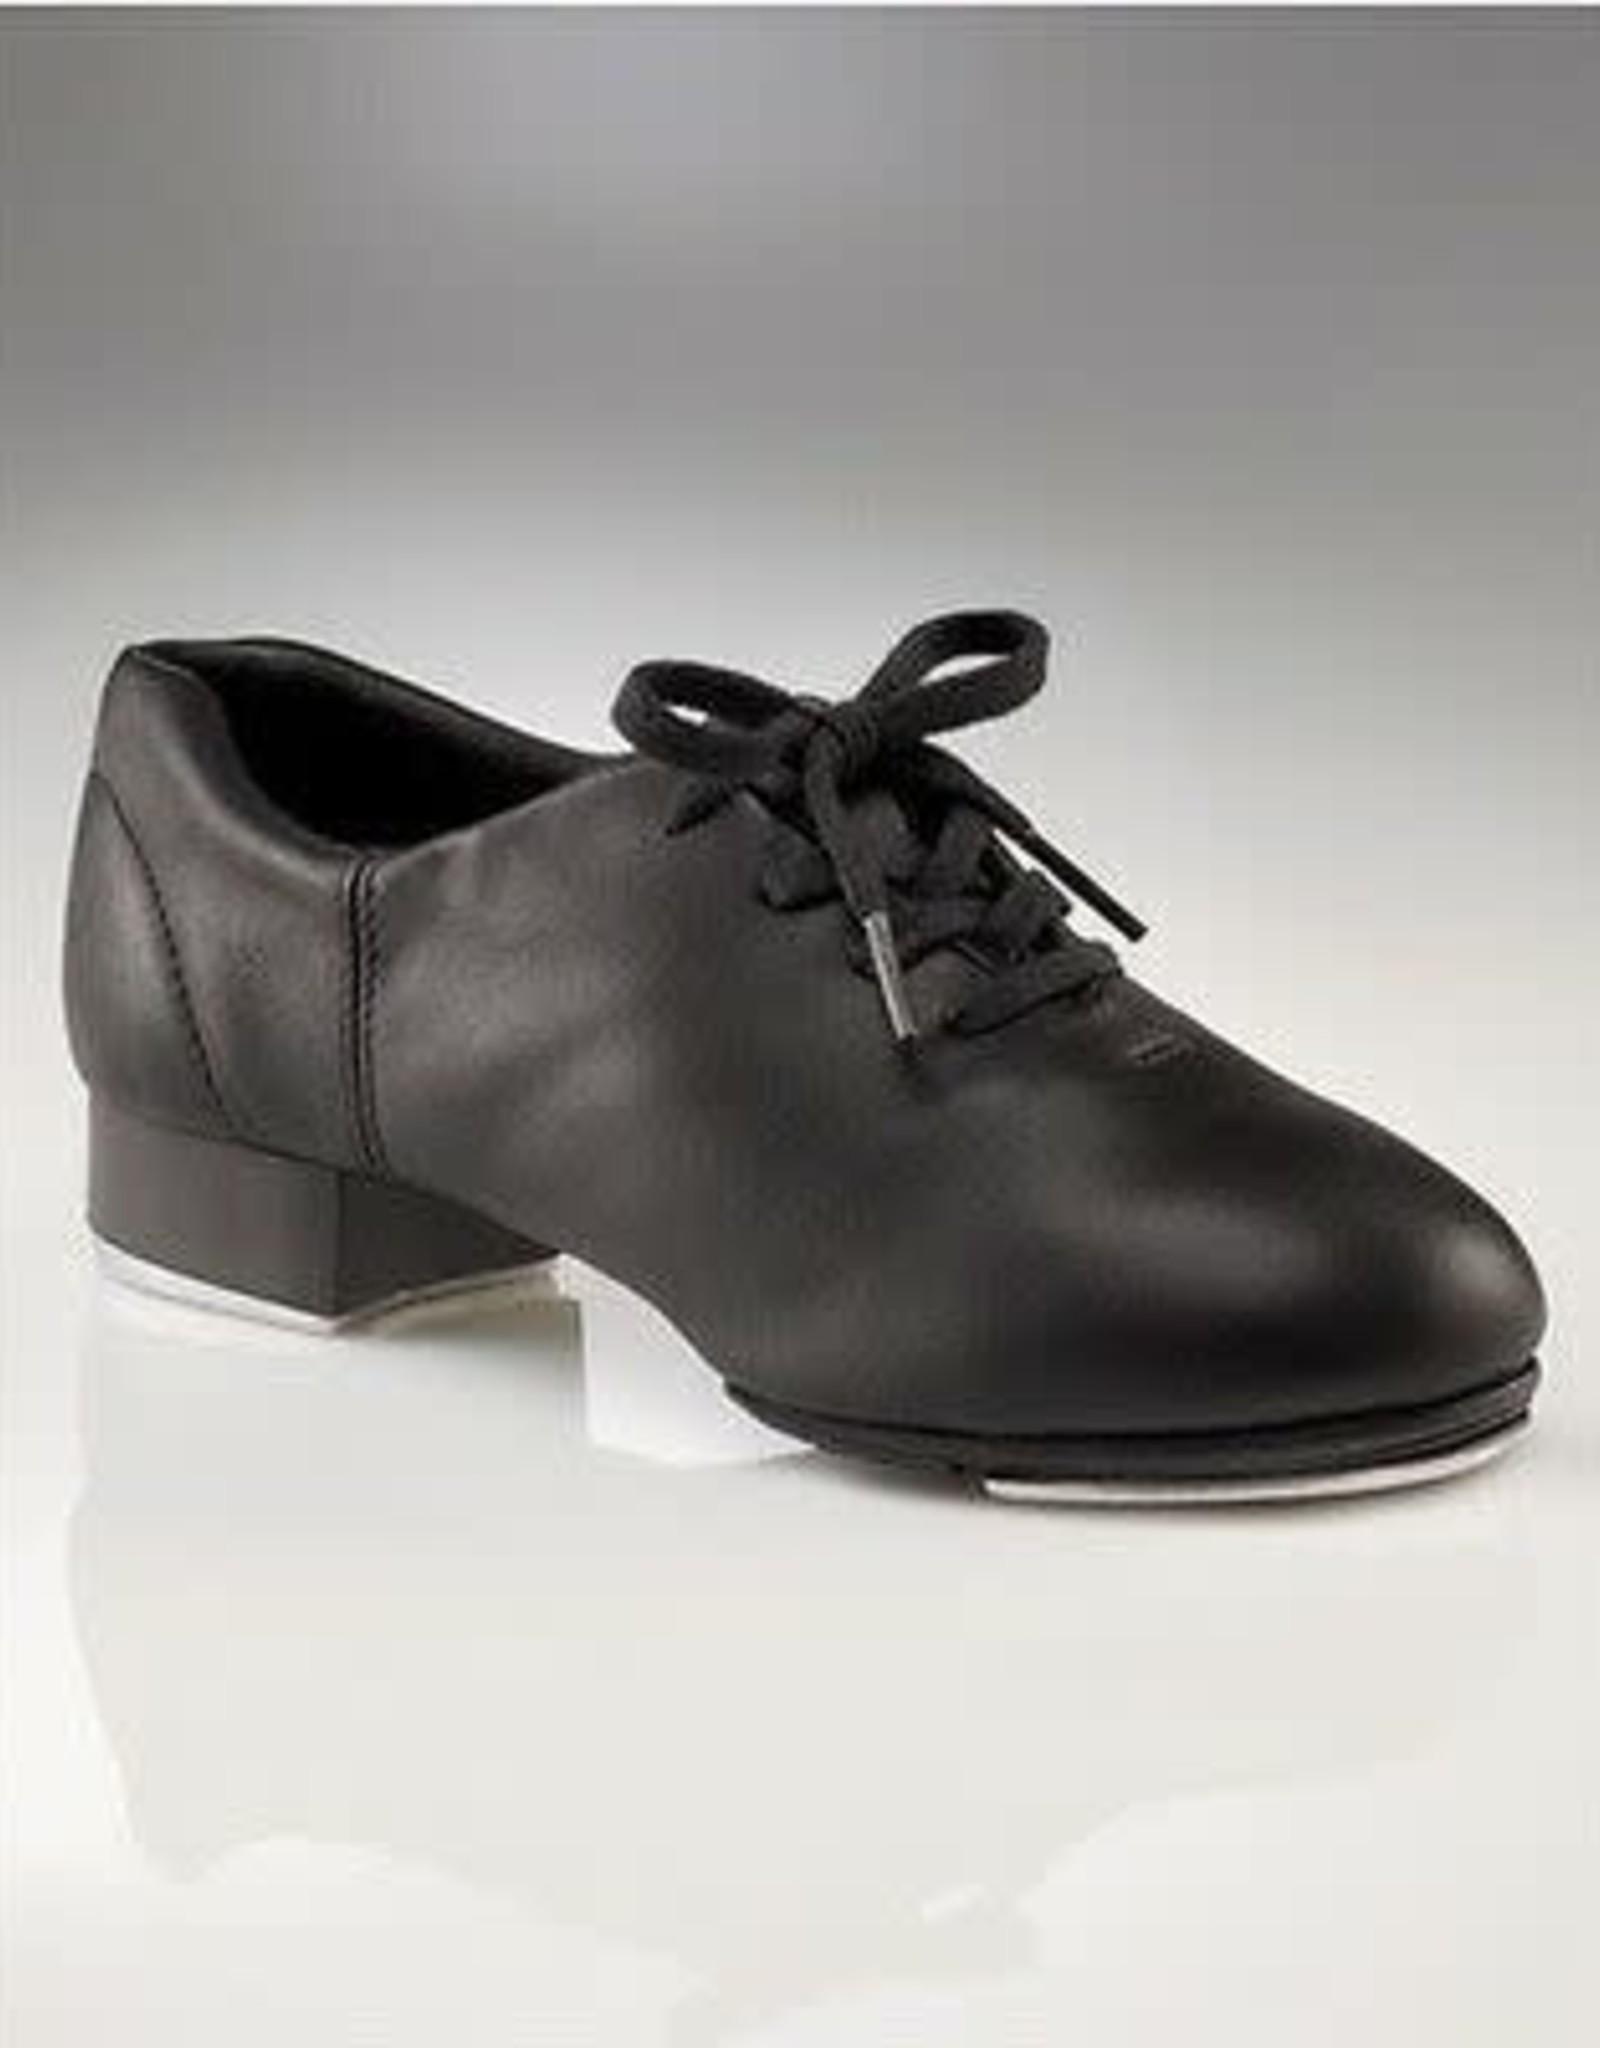 Capezio Capezio Flex Master Tap Shoe CG16